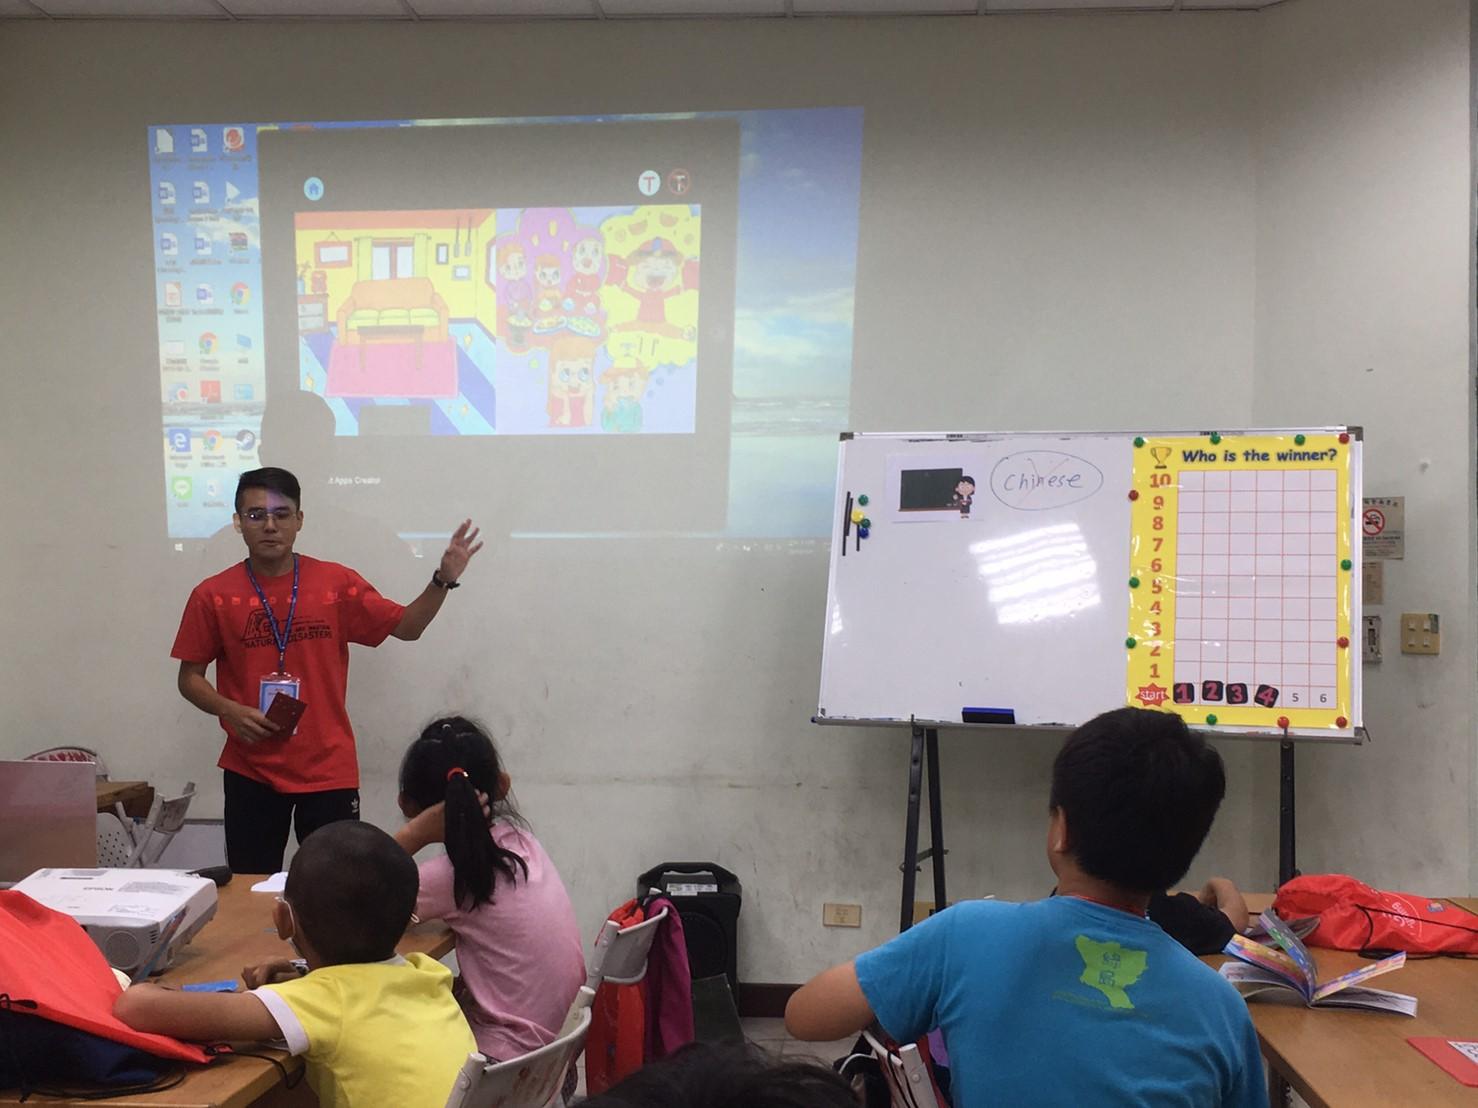 學生利用營隊向學員介紹防災觀念